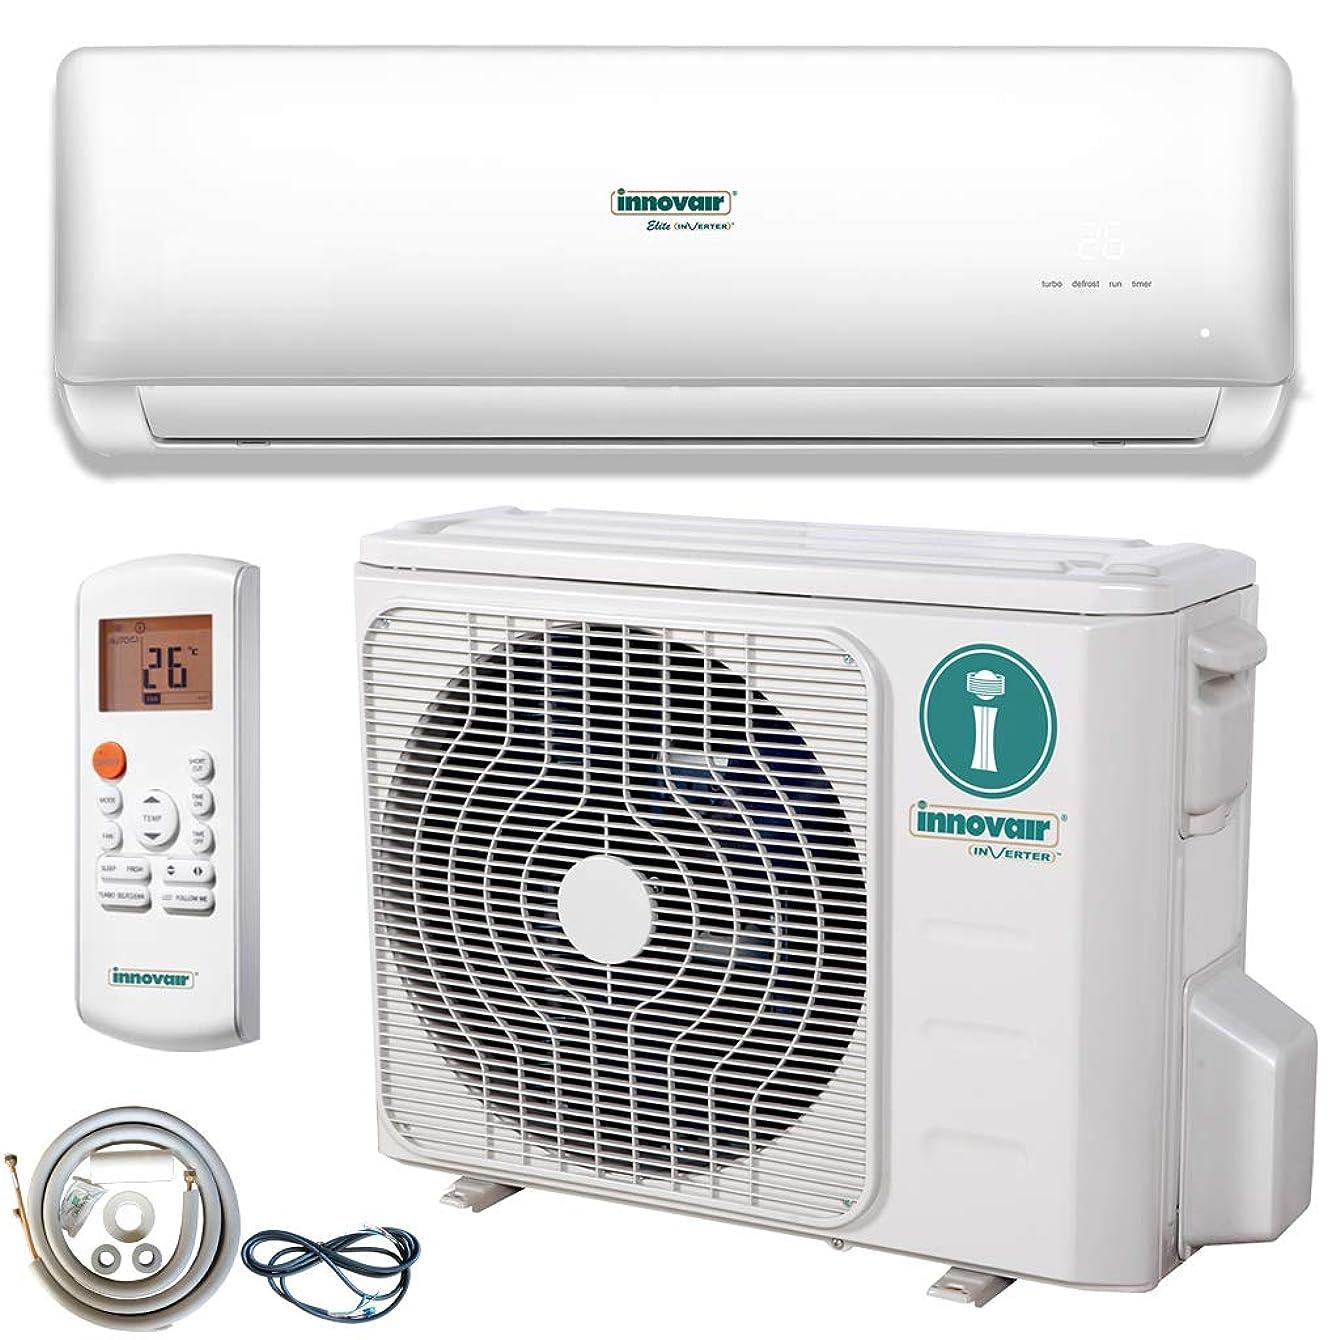 Innovair Air Conditioner Inverter Ductless Wall Mount Mini Split System Heat Pump Full Set 29~37 SEER 230V (9000 BTU 208/230V 37.5 SEER)